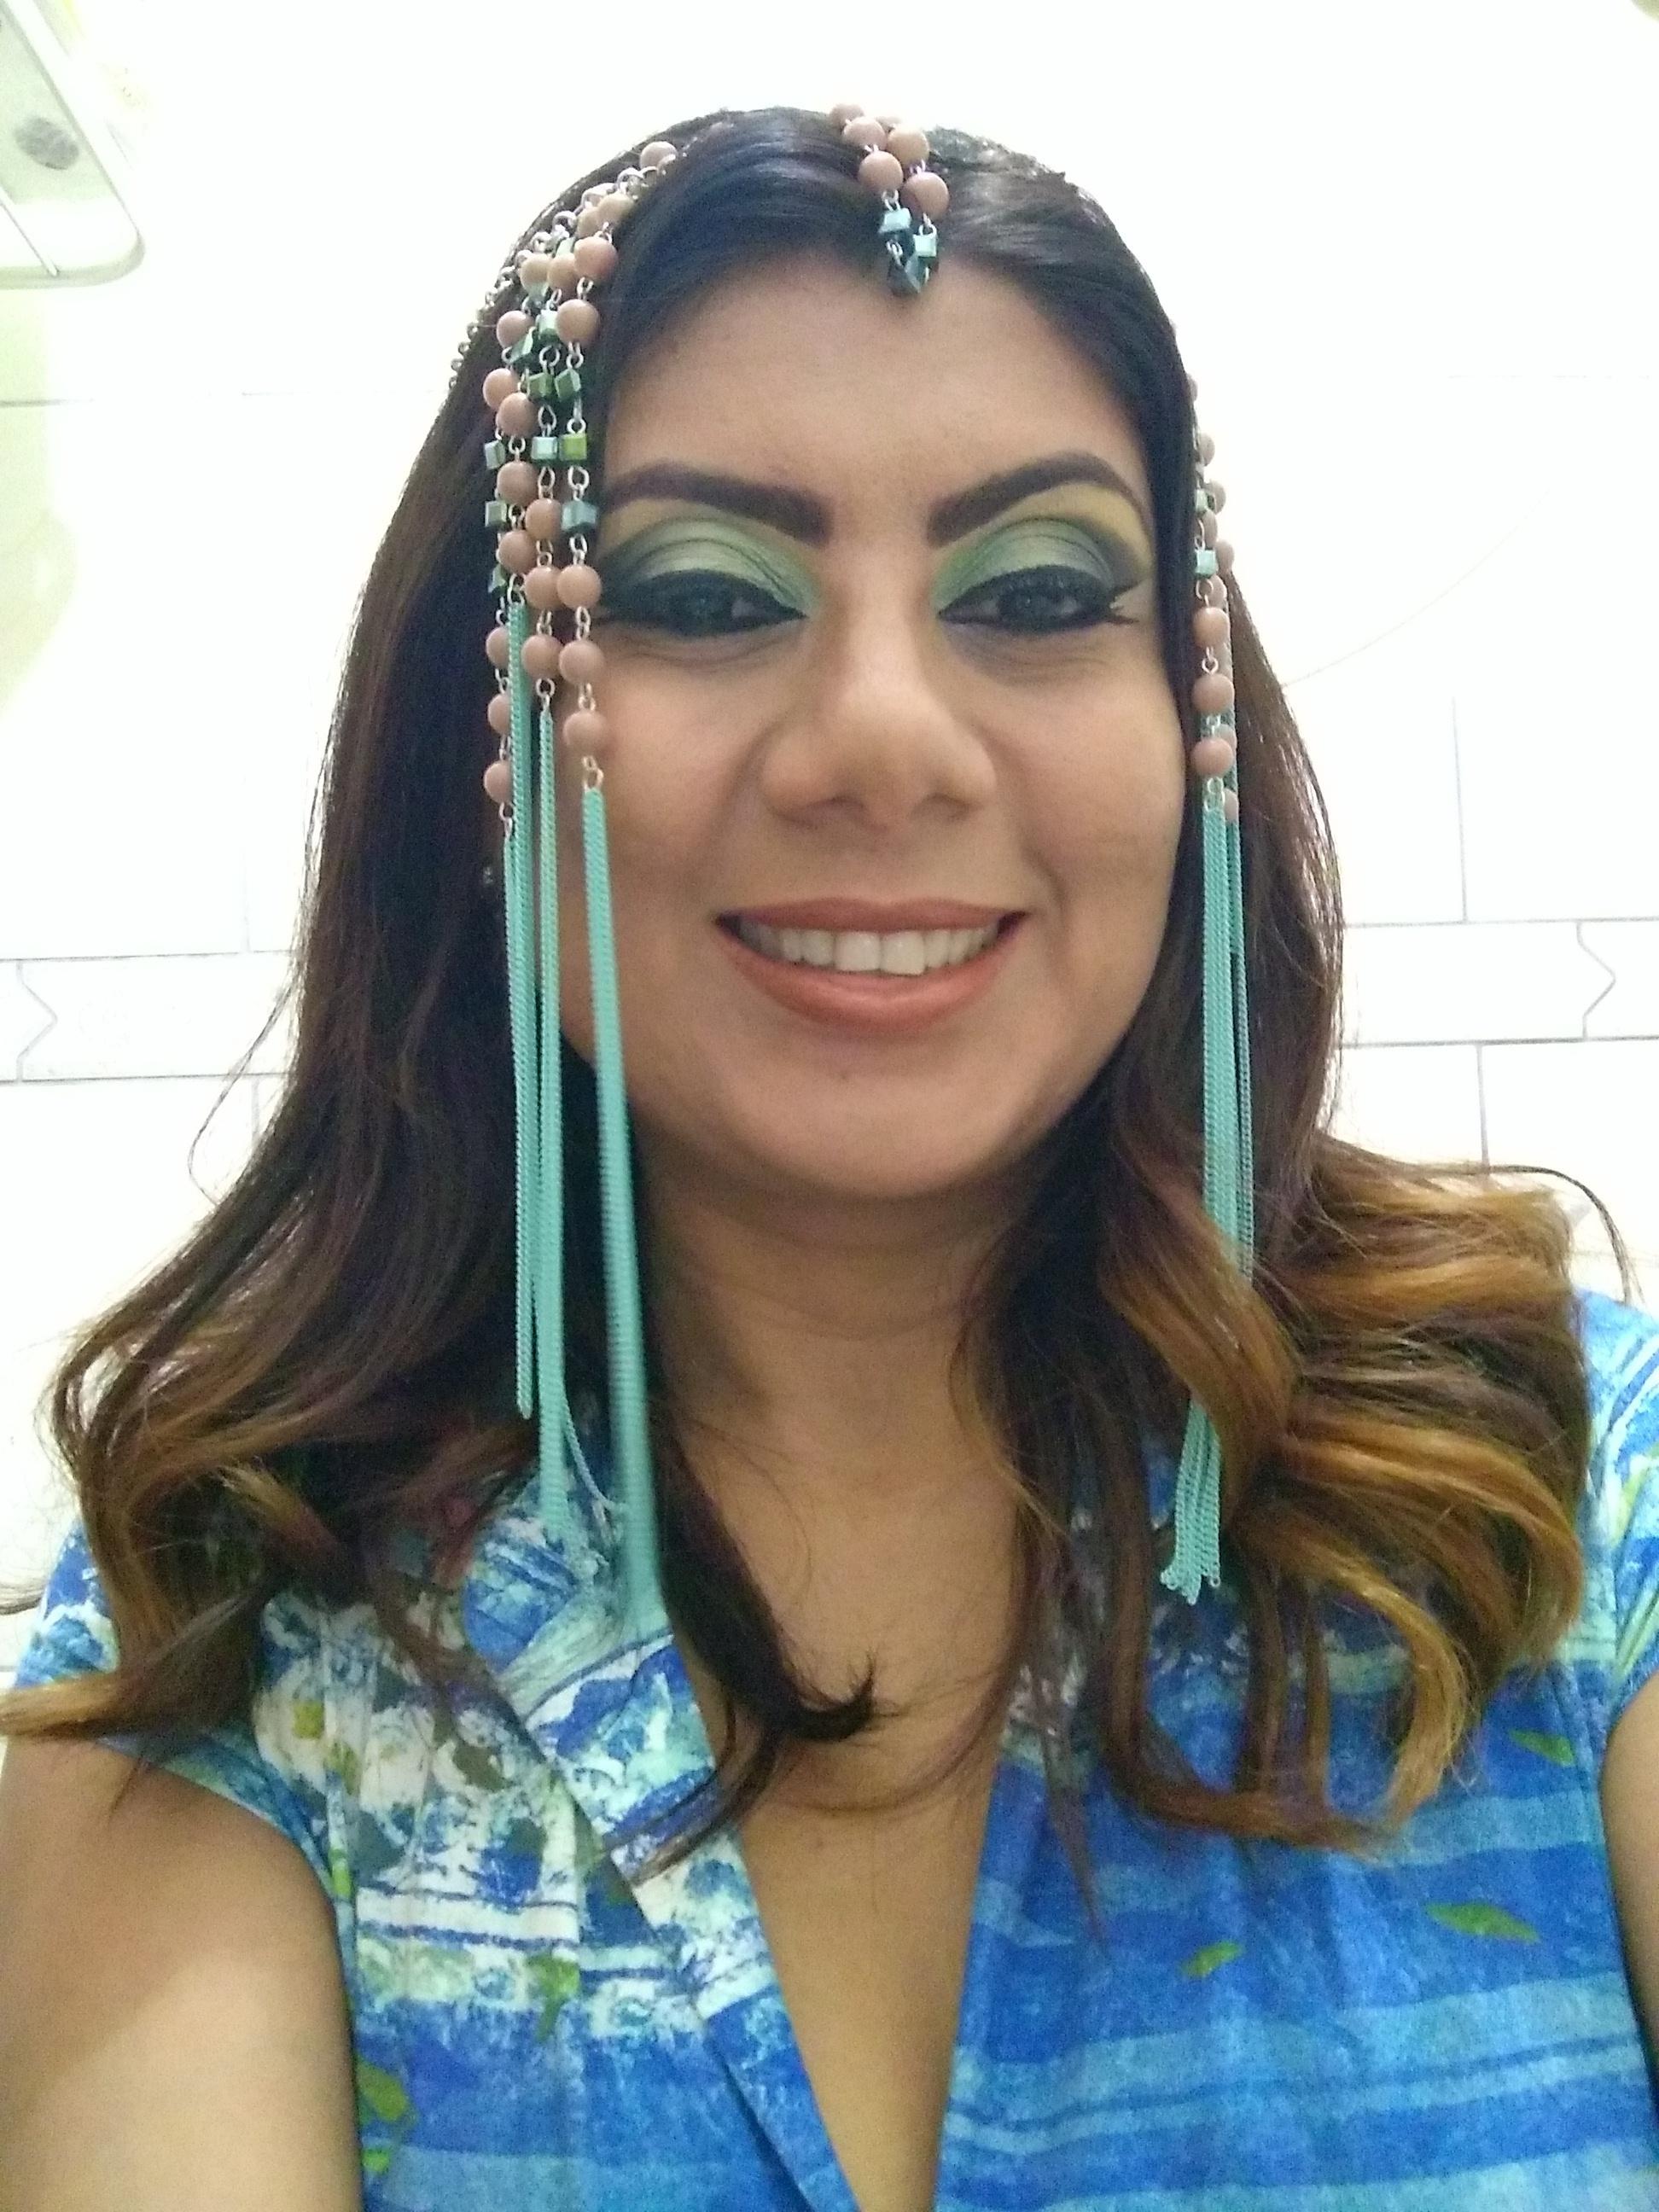 Maquiagem egípcia maquiagem estudante (maquiador)